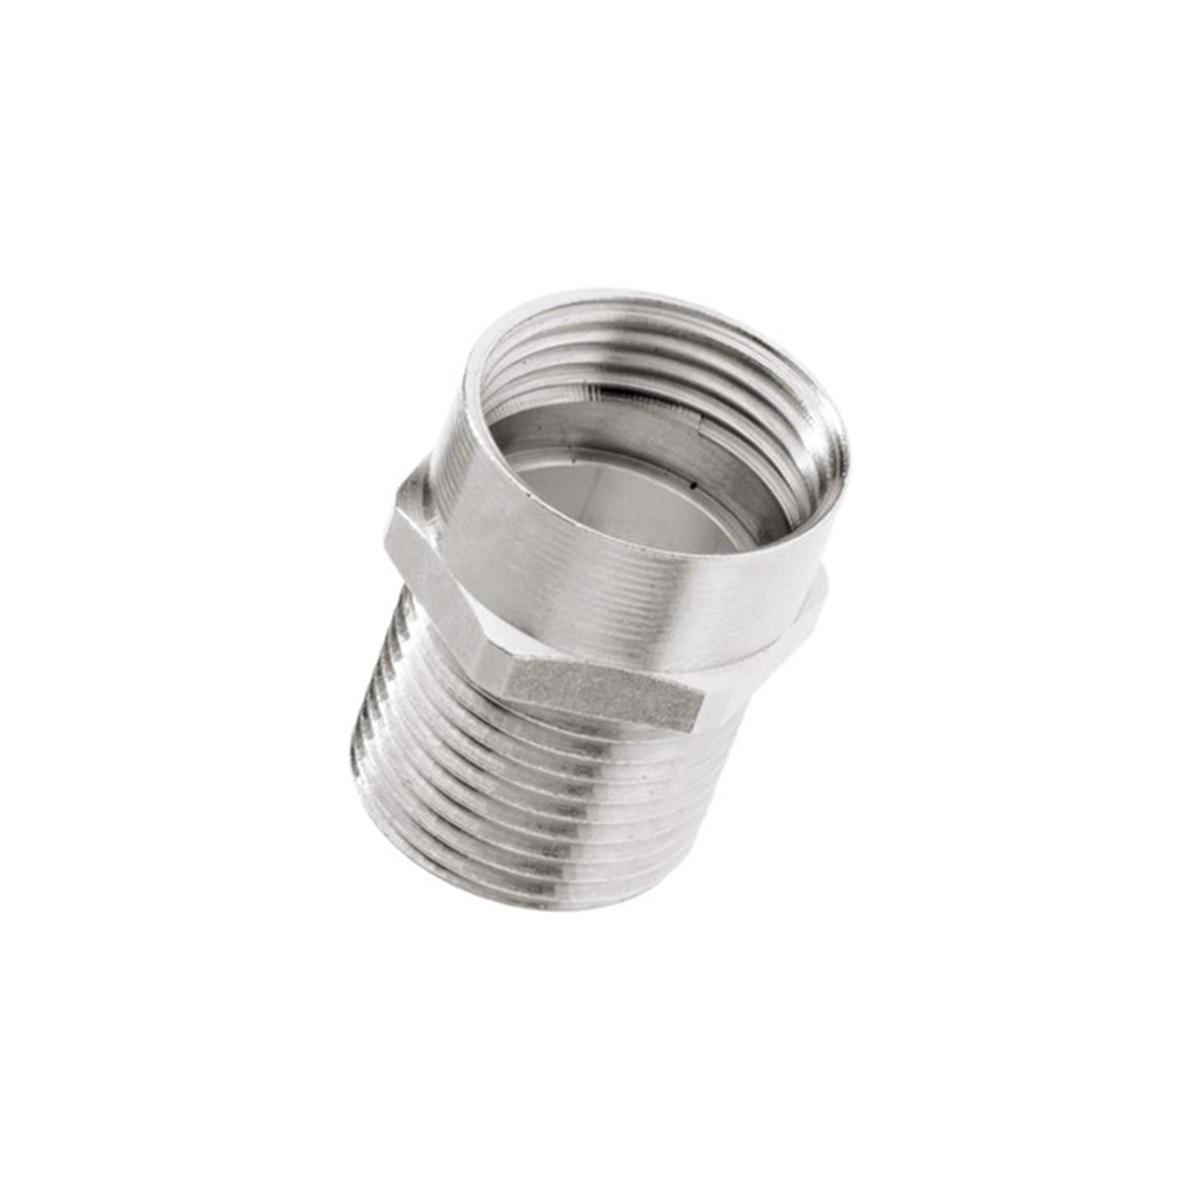 ZS-M M20 x PG16 Lapp Kabel SKINDICHT ® 52104380-Adaptateur